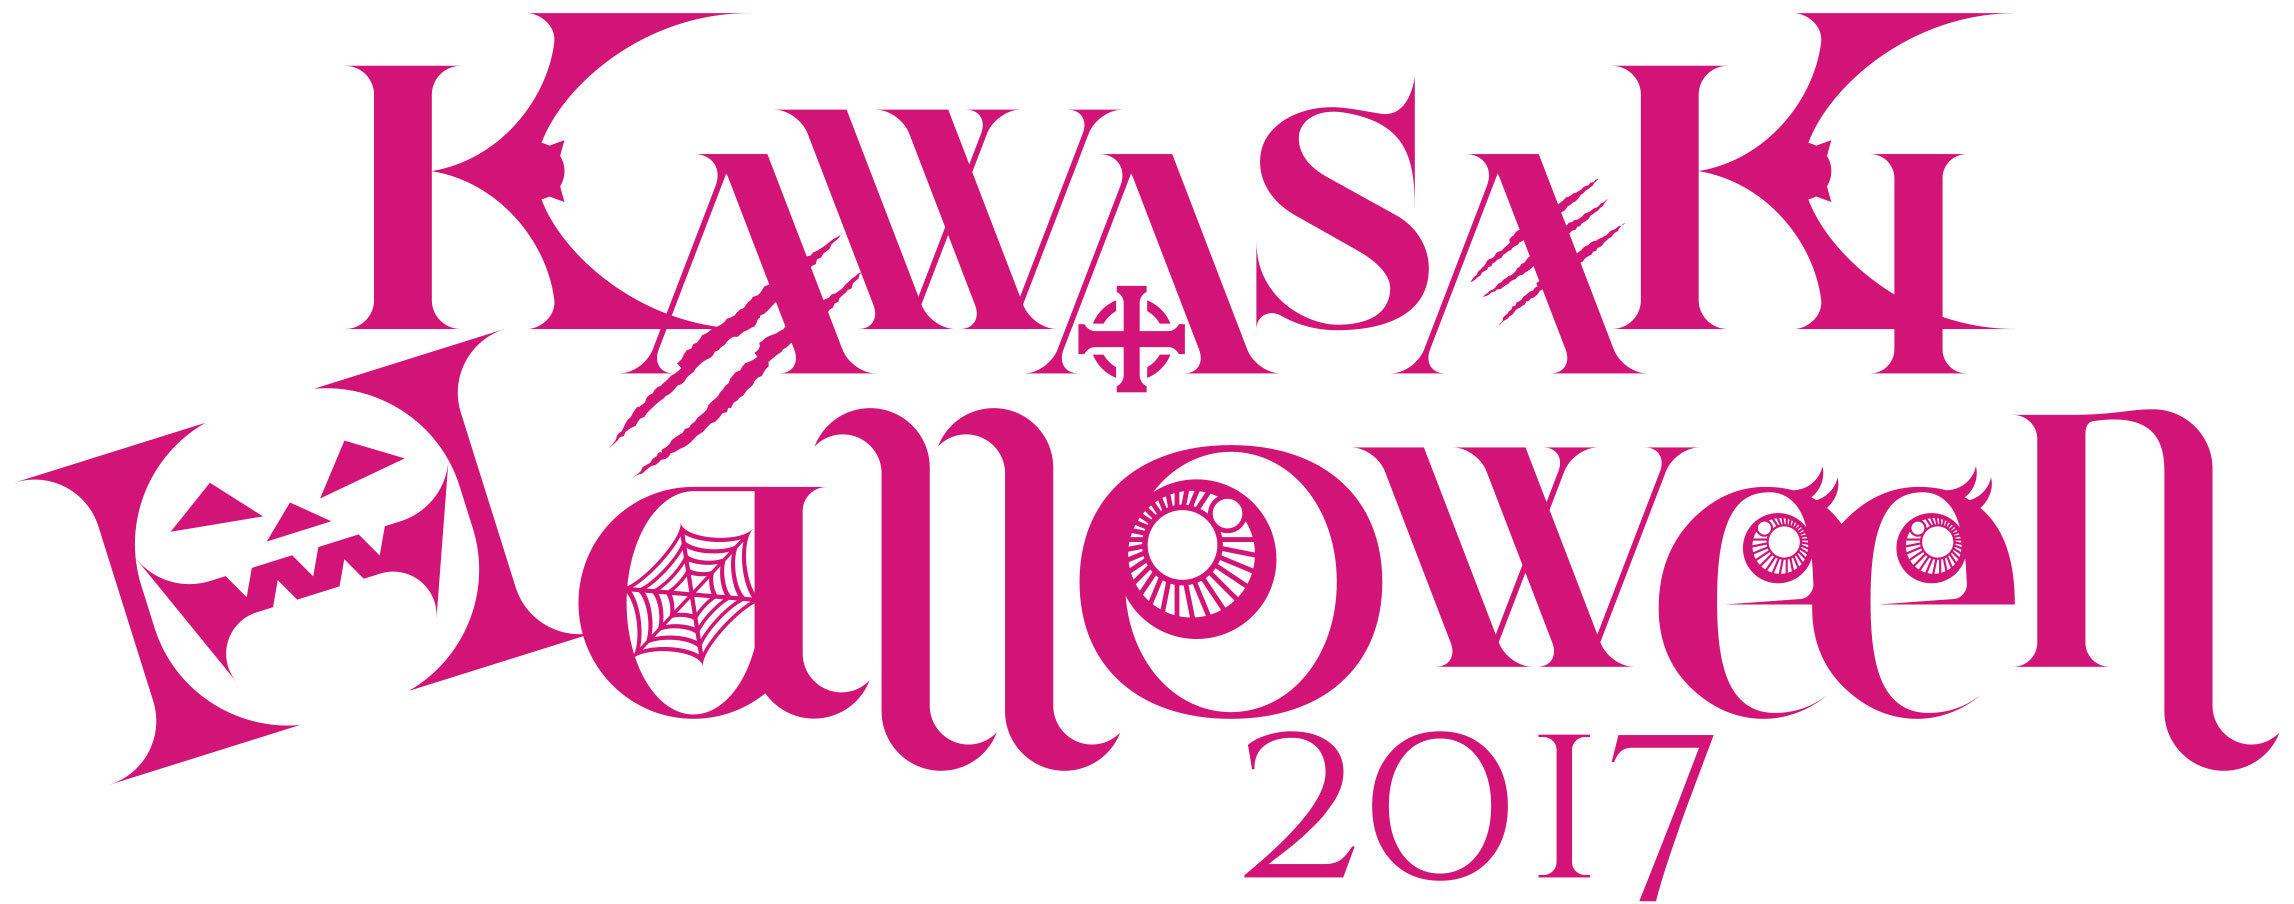 川崎ブレイブサンダースが国内最大規模のハロウィンイベント「カワサキハロウィン2017」とのコラボイベントを開催する